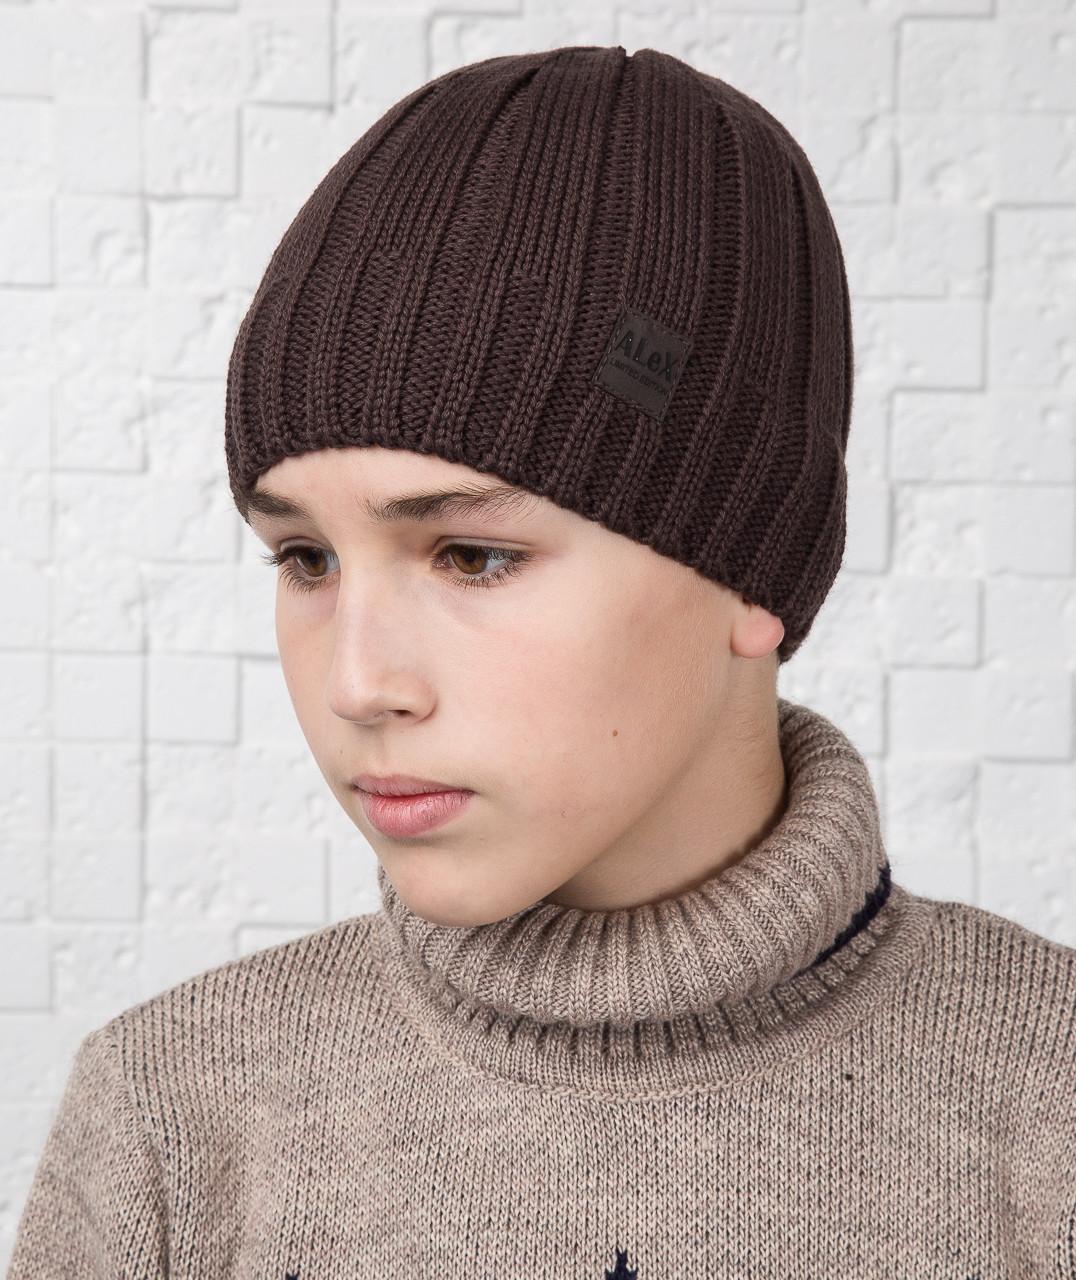 Повседневная шапка для мальчика подростка на флисе - Артикул AL17041